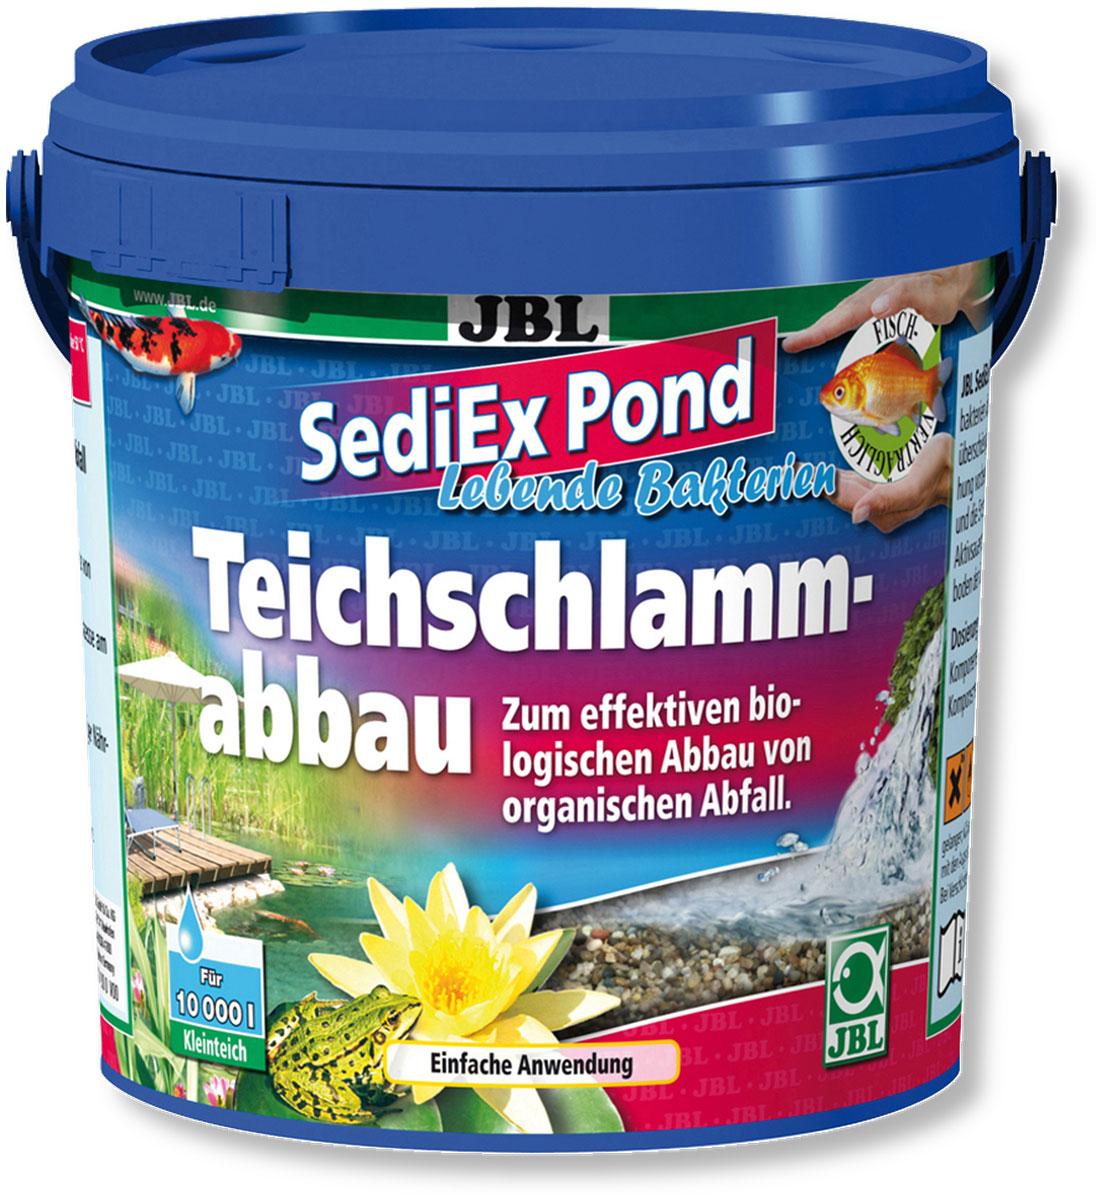 Средство для садовых прудов JBL  SediEx Pond , для эффективного биологического удаления ила, 1 кг на 10000 л воды - Биотуалеты и септики